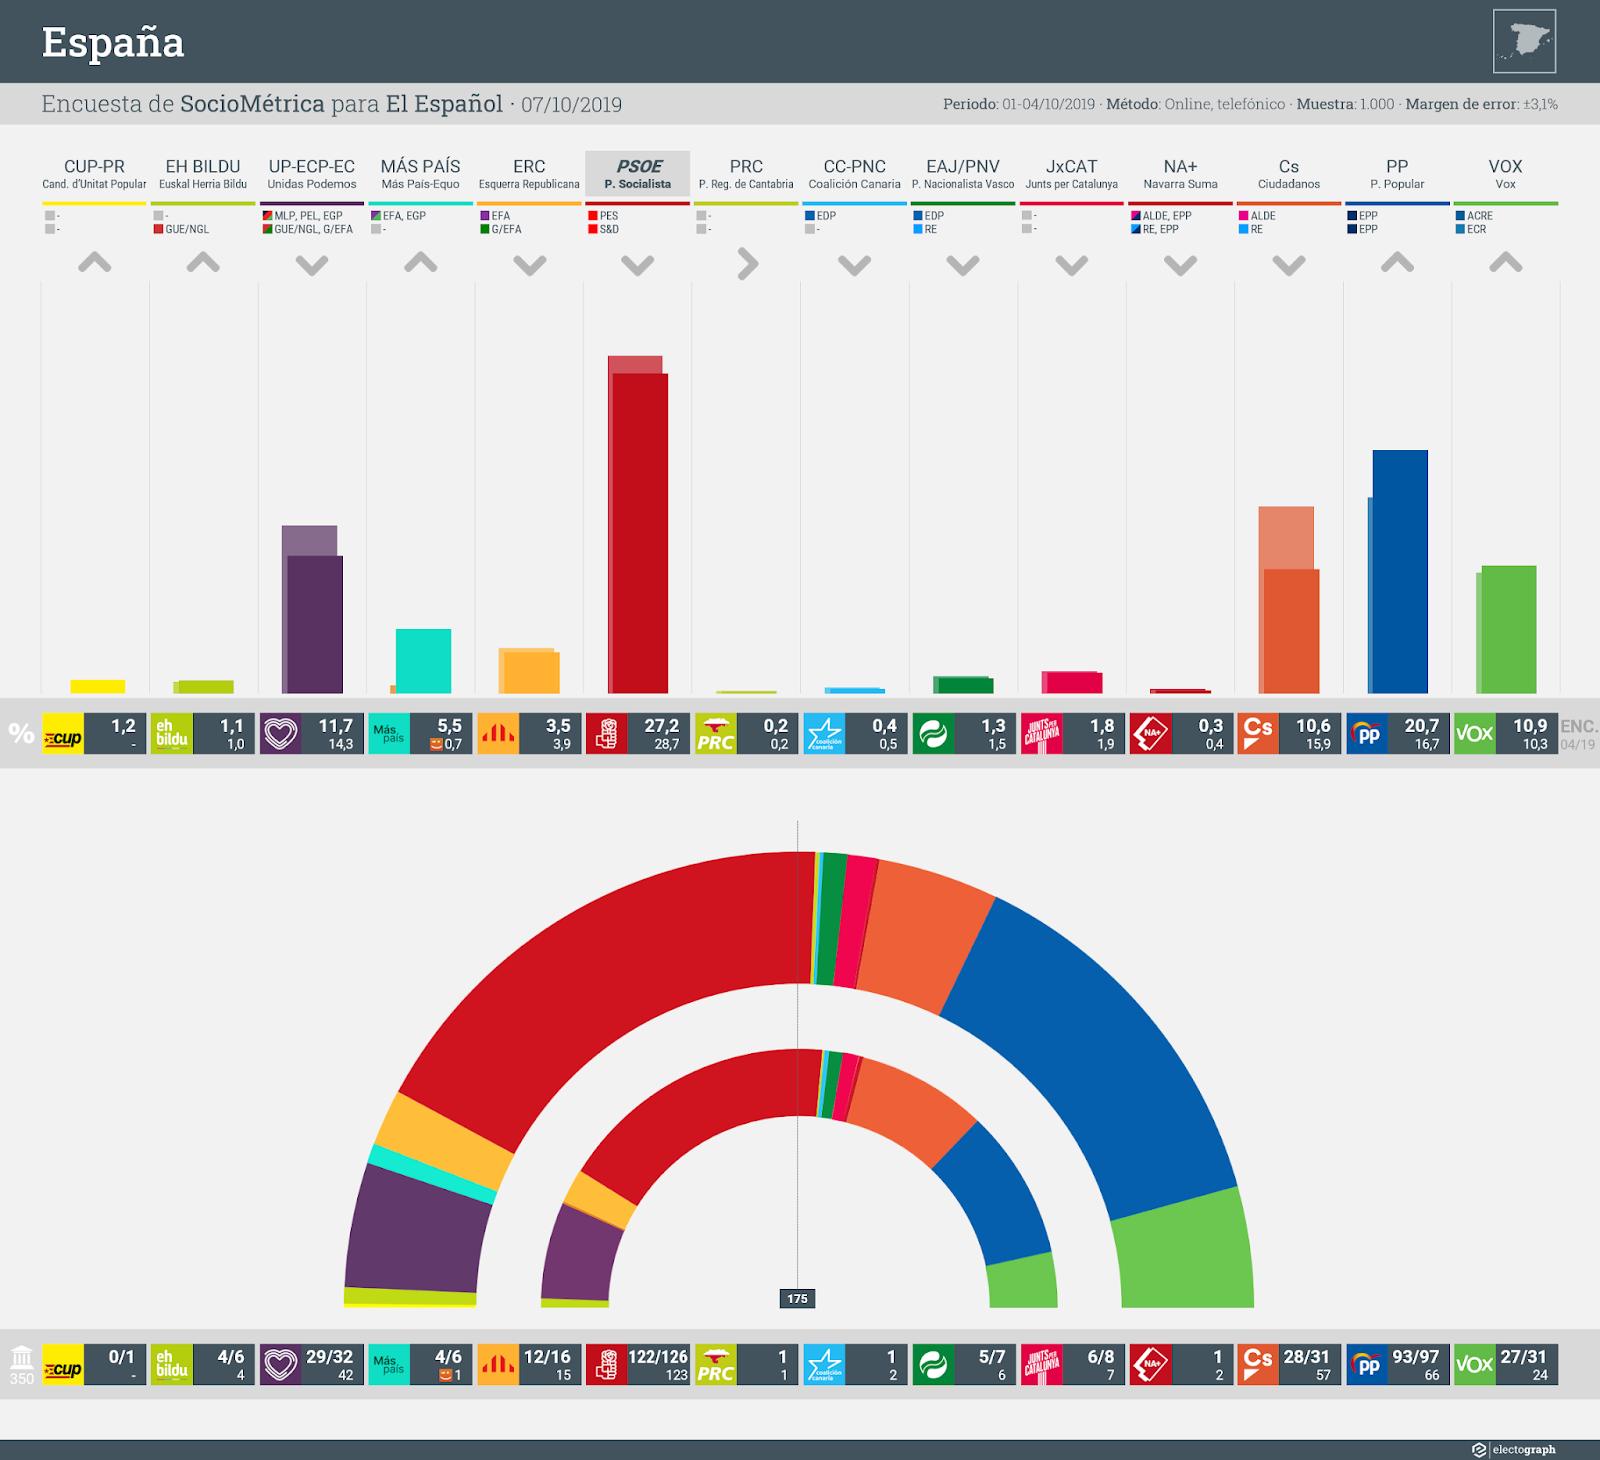 Gráfico de la encuesta para elecciones generales en España realizada por Sociométrica para El Español, 7 de octubre de 2019